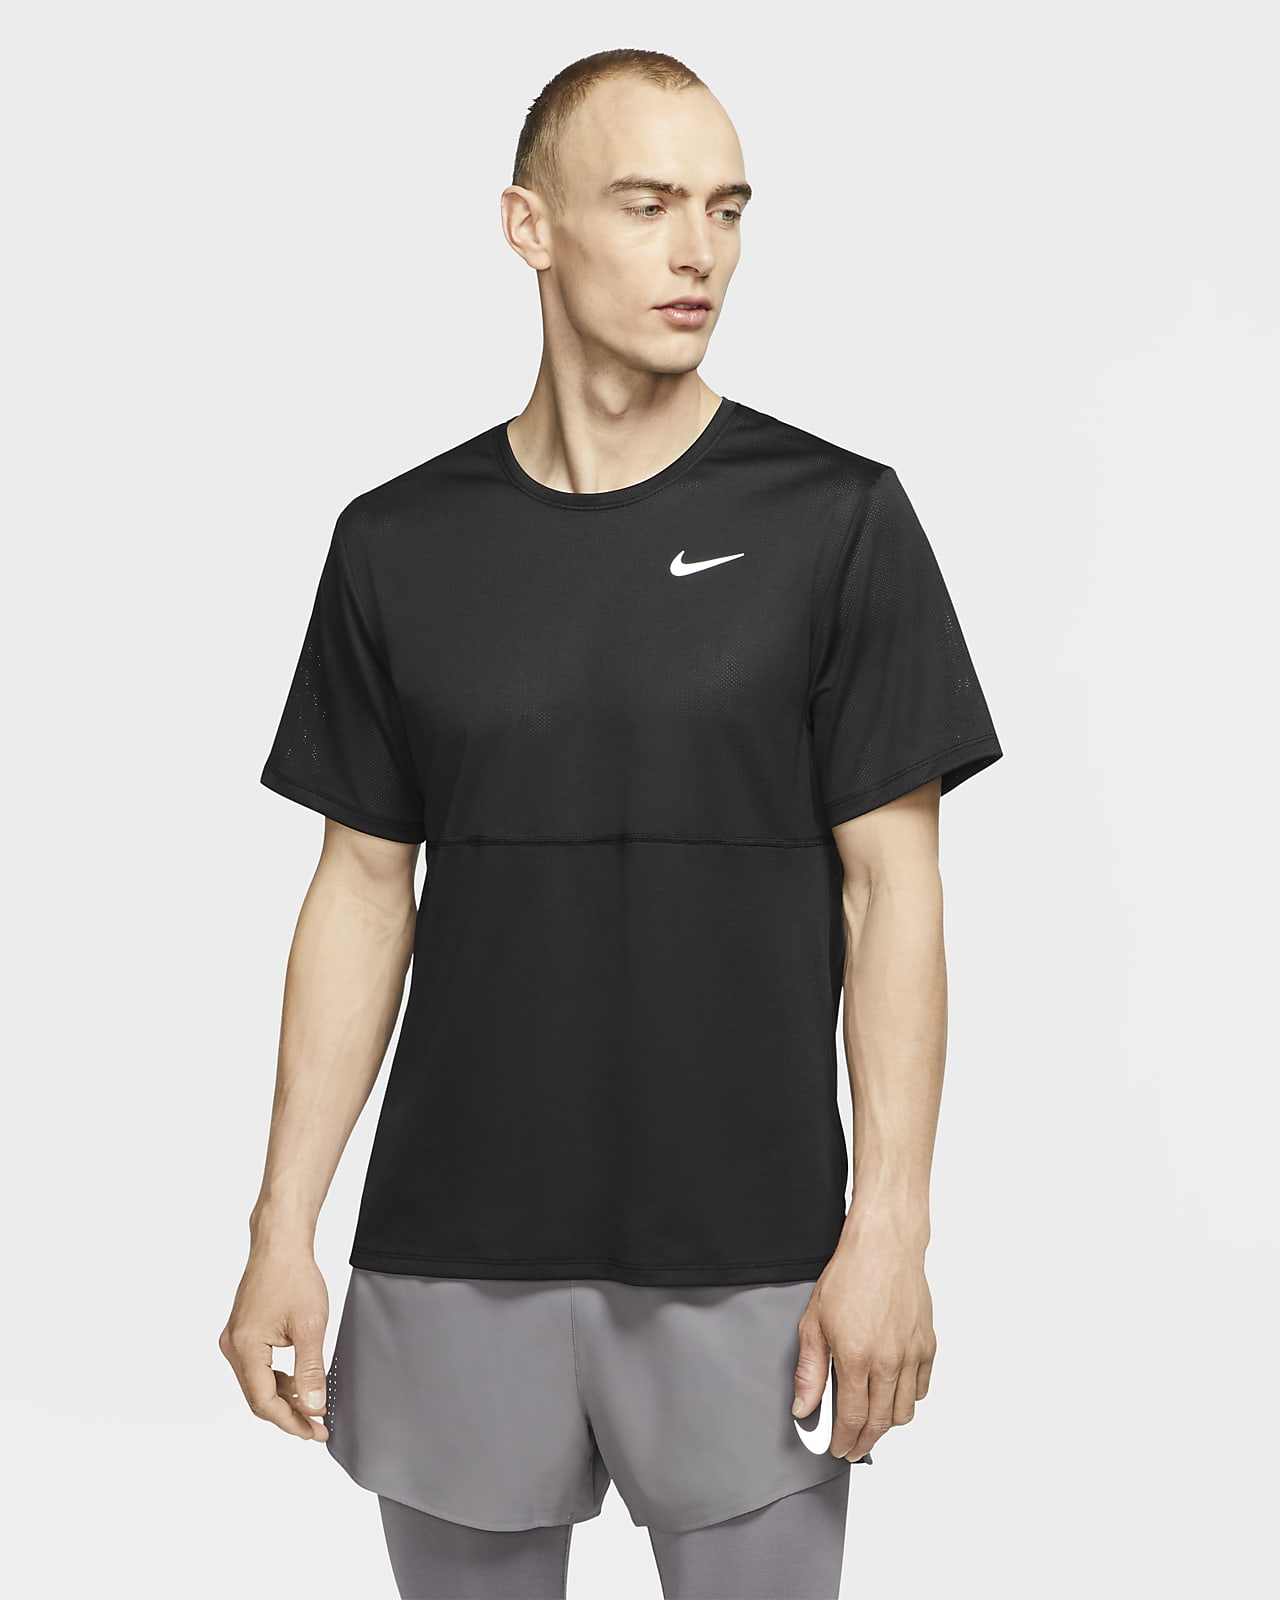 เสื้อวิ่งผู้ชาย Nike Breathe